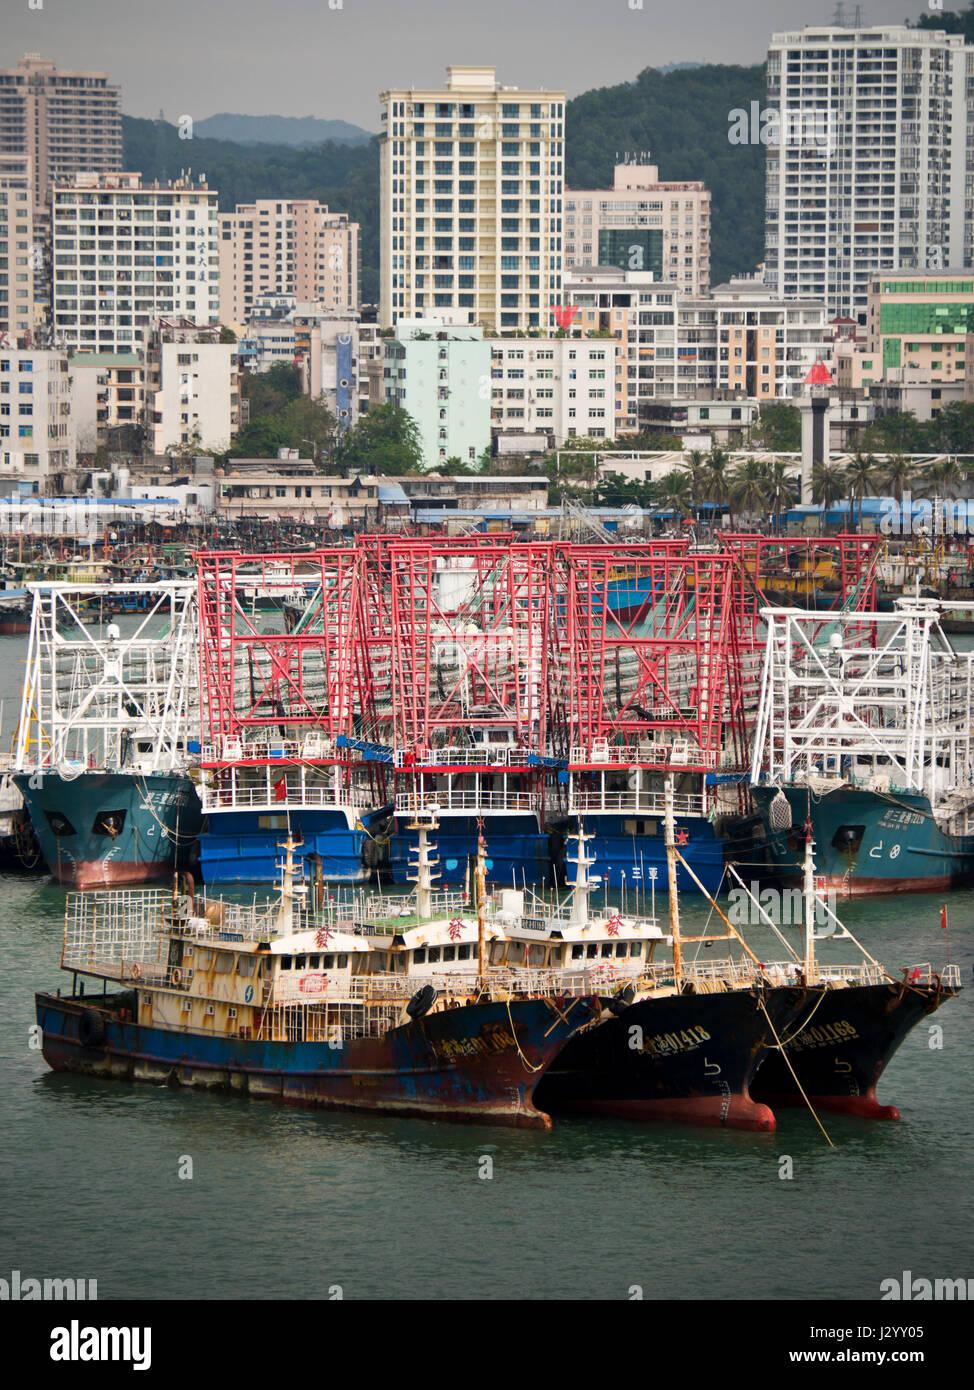 Vertical aerial view of fishing boats moored up in Sanya Bay, Hainan Island, China. - Stock Image